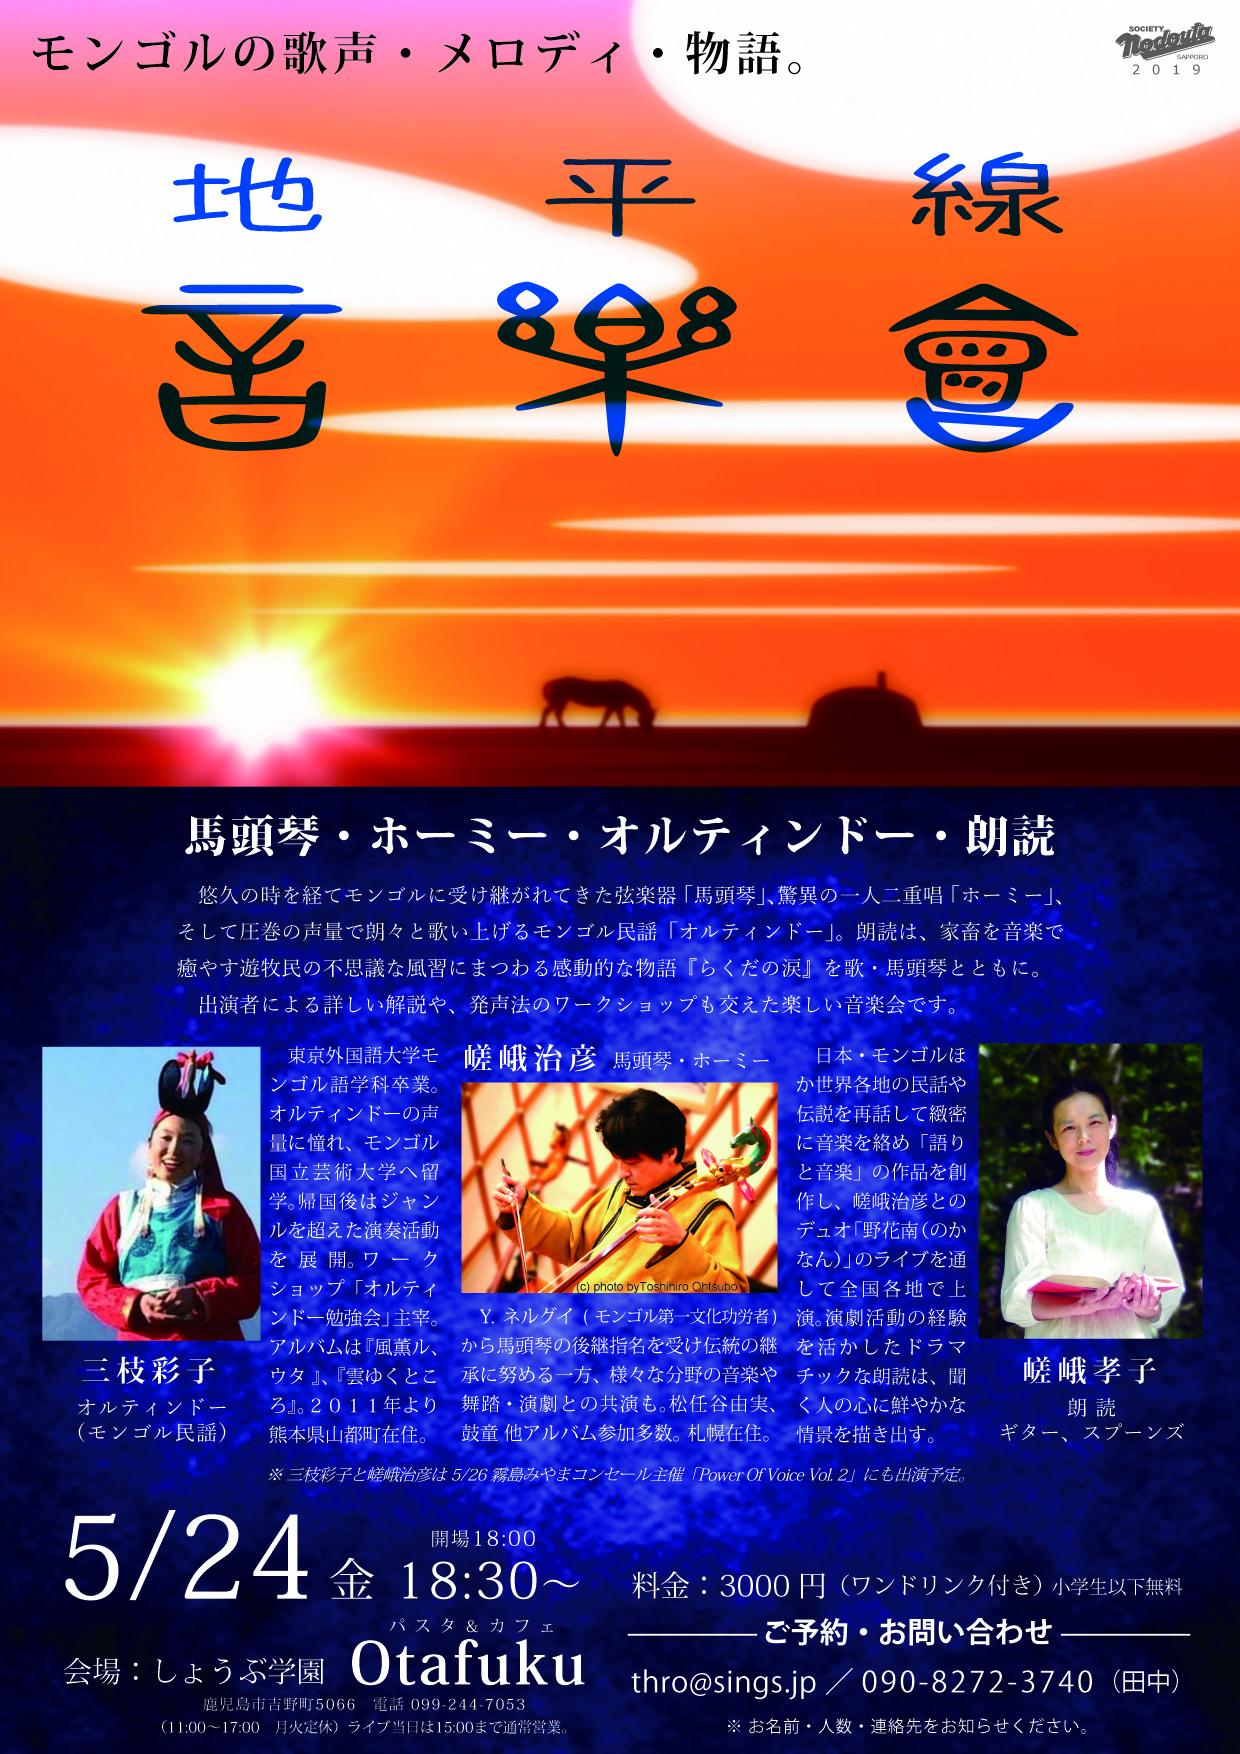 地平線音楽会〜モンゴルの歌声・メロディ・物語。